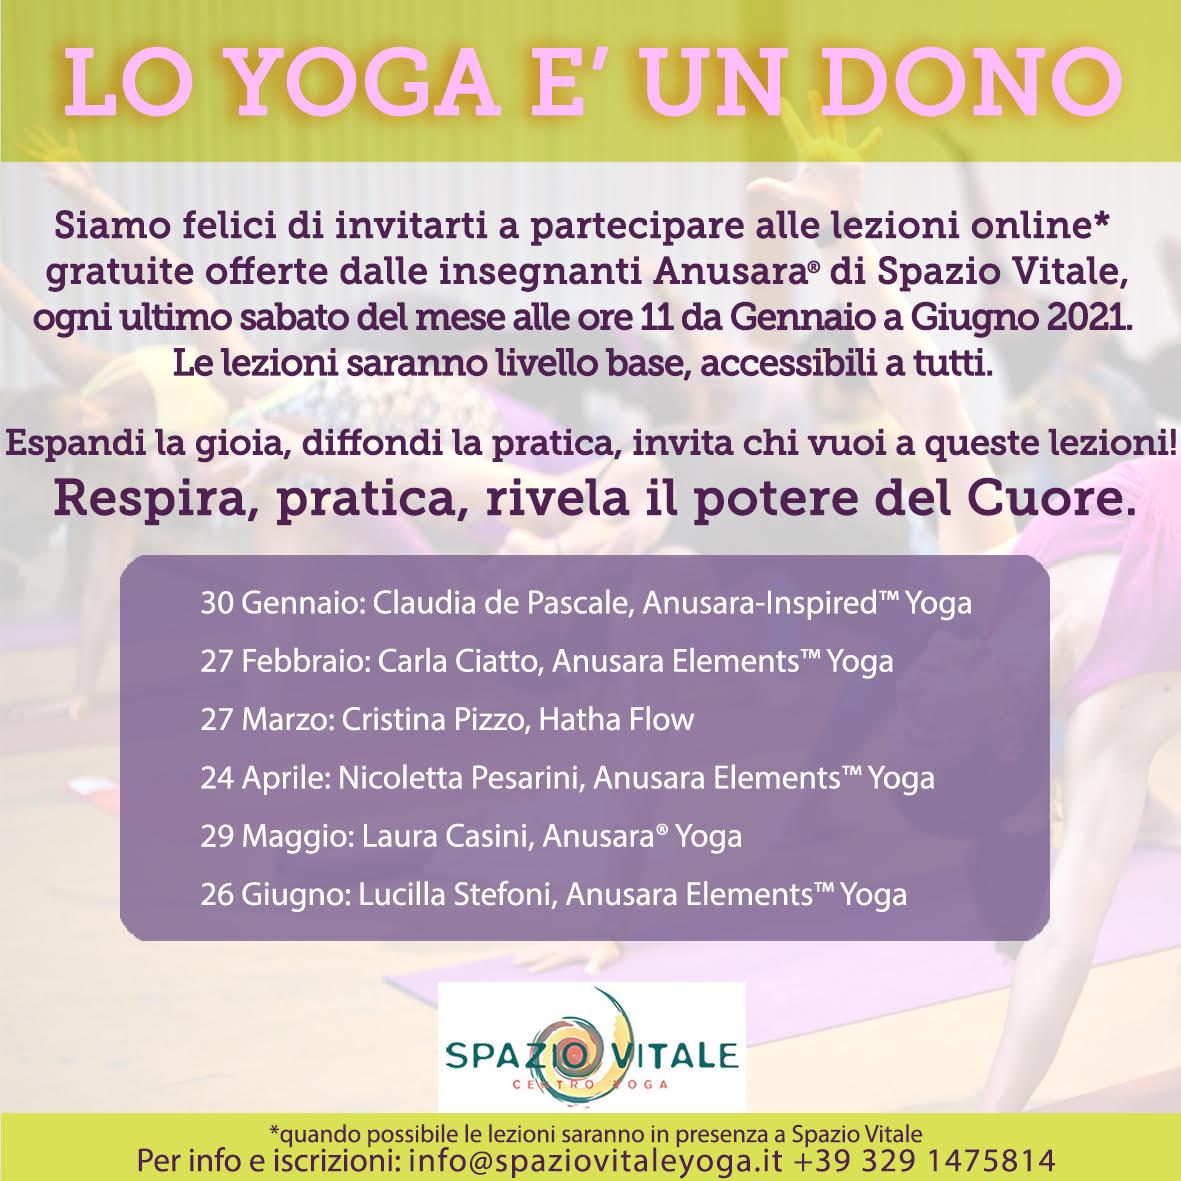 Lo Yoga è un dono